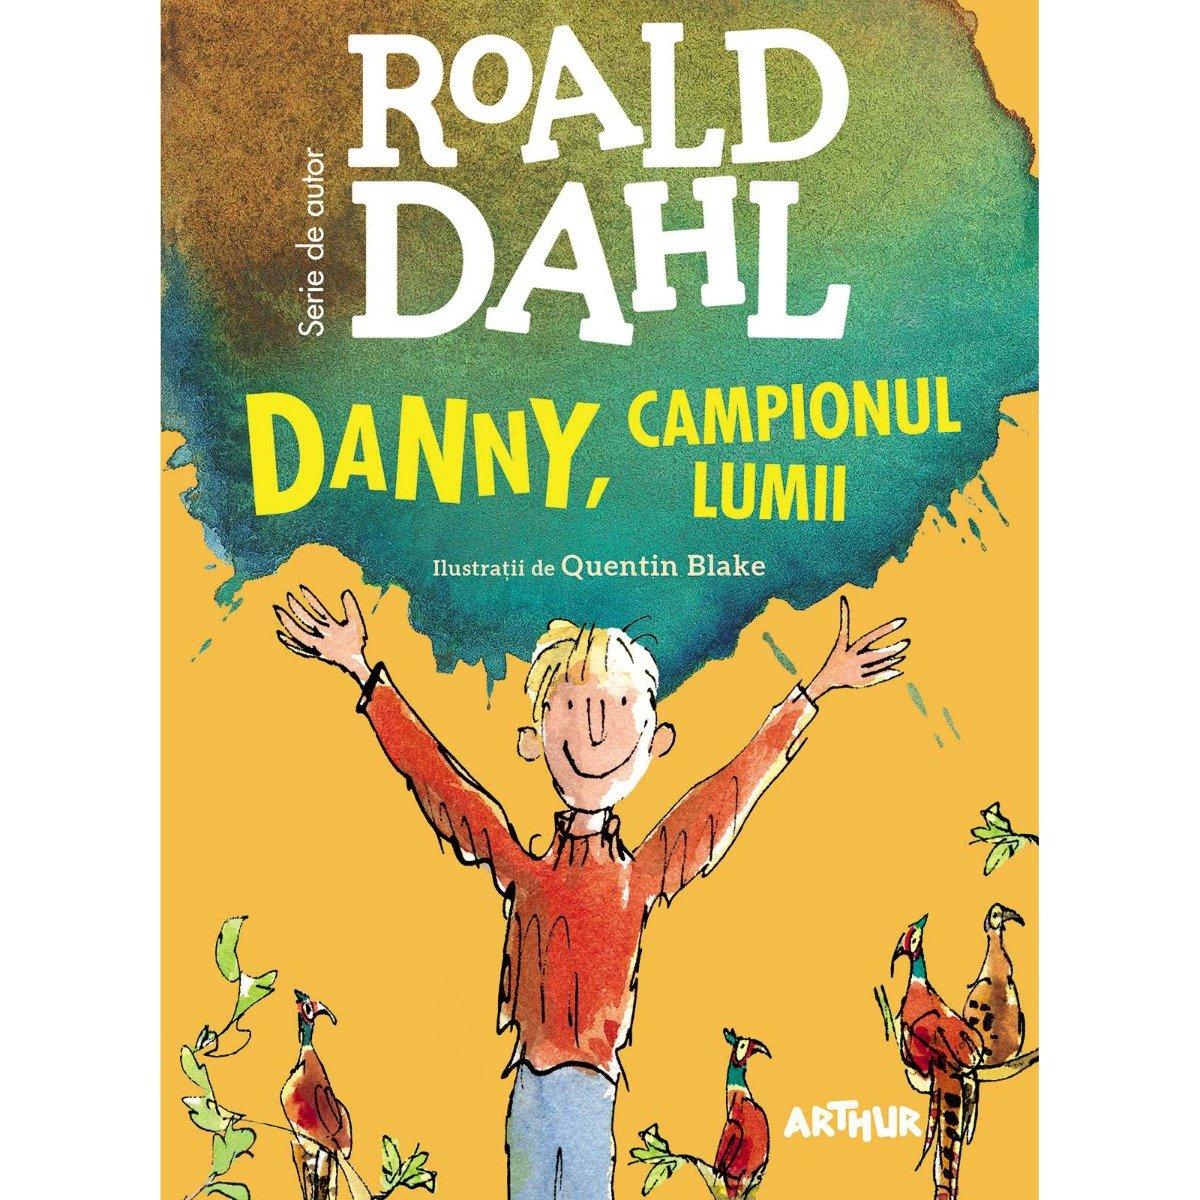 Carte Editura Arthur - Danny, Campionul Lumii, Roald Dahl